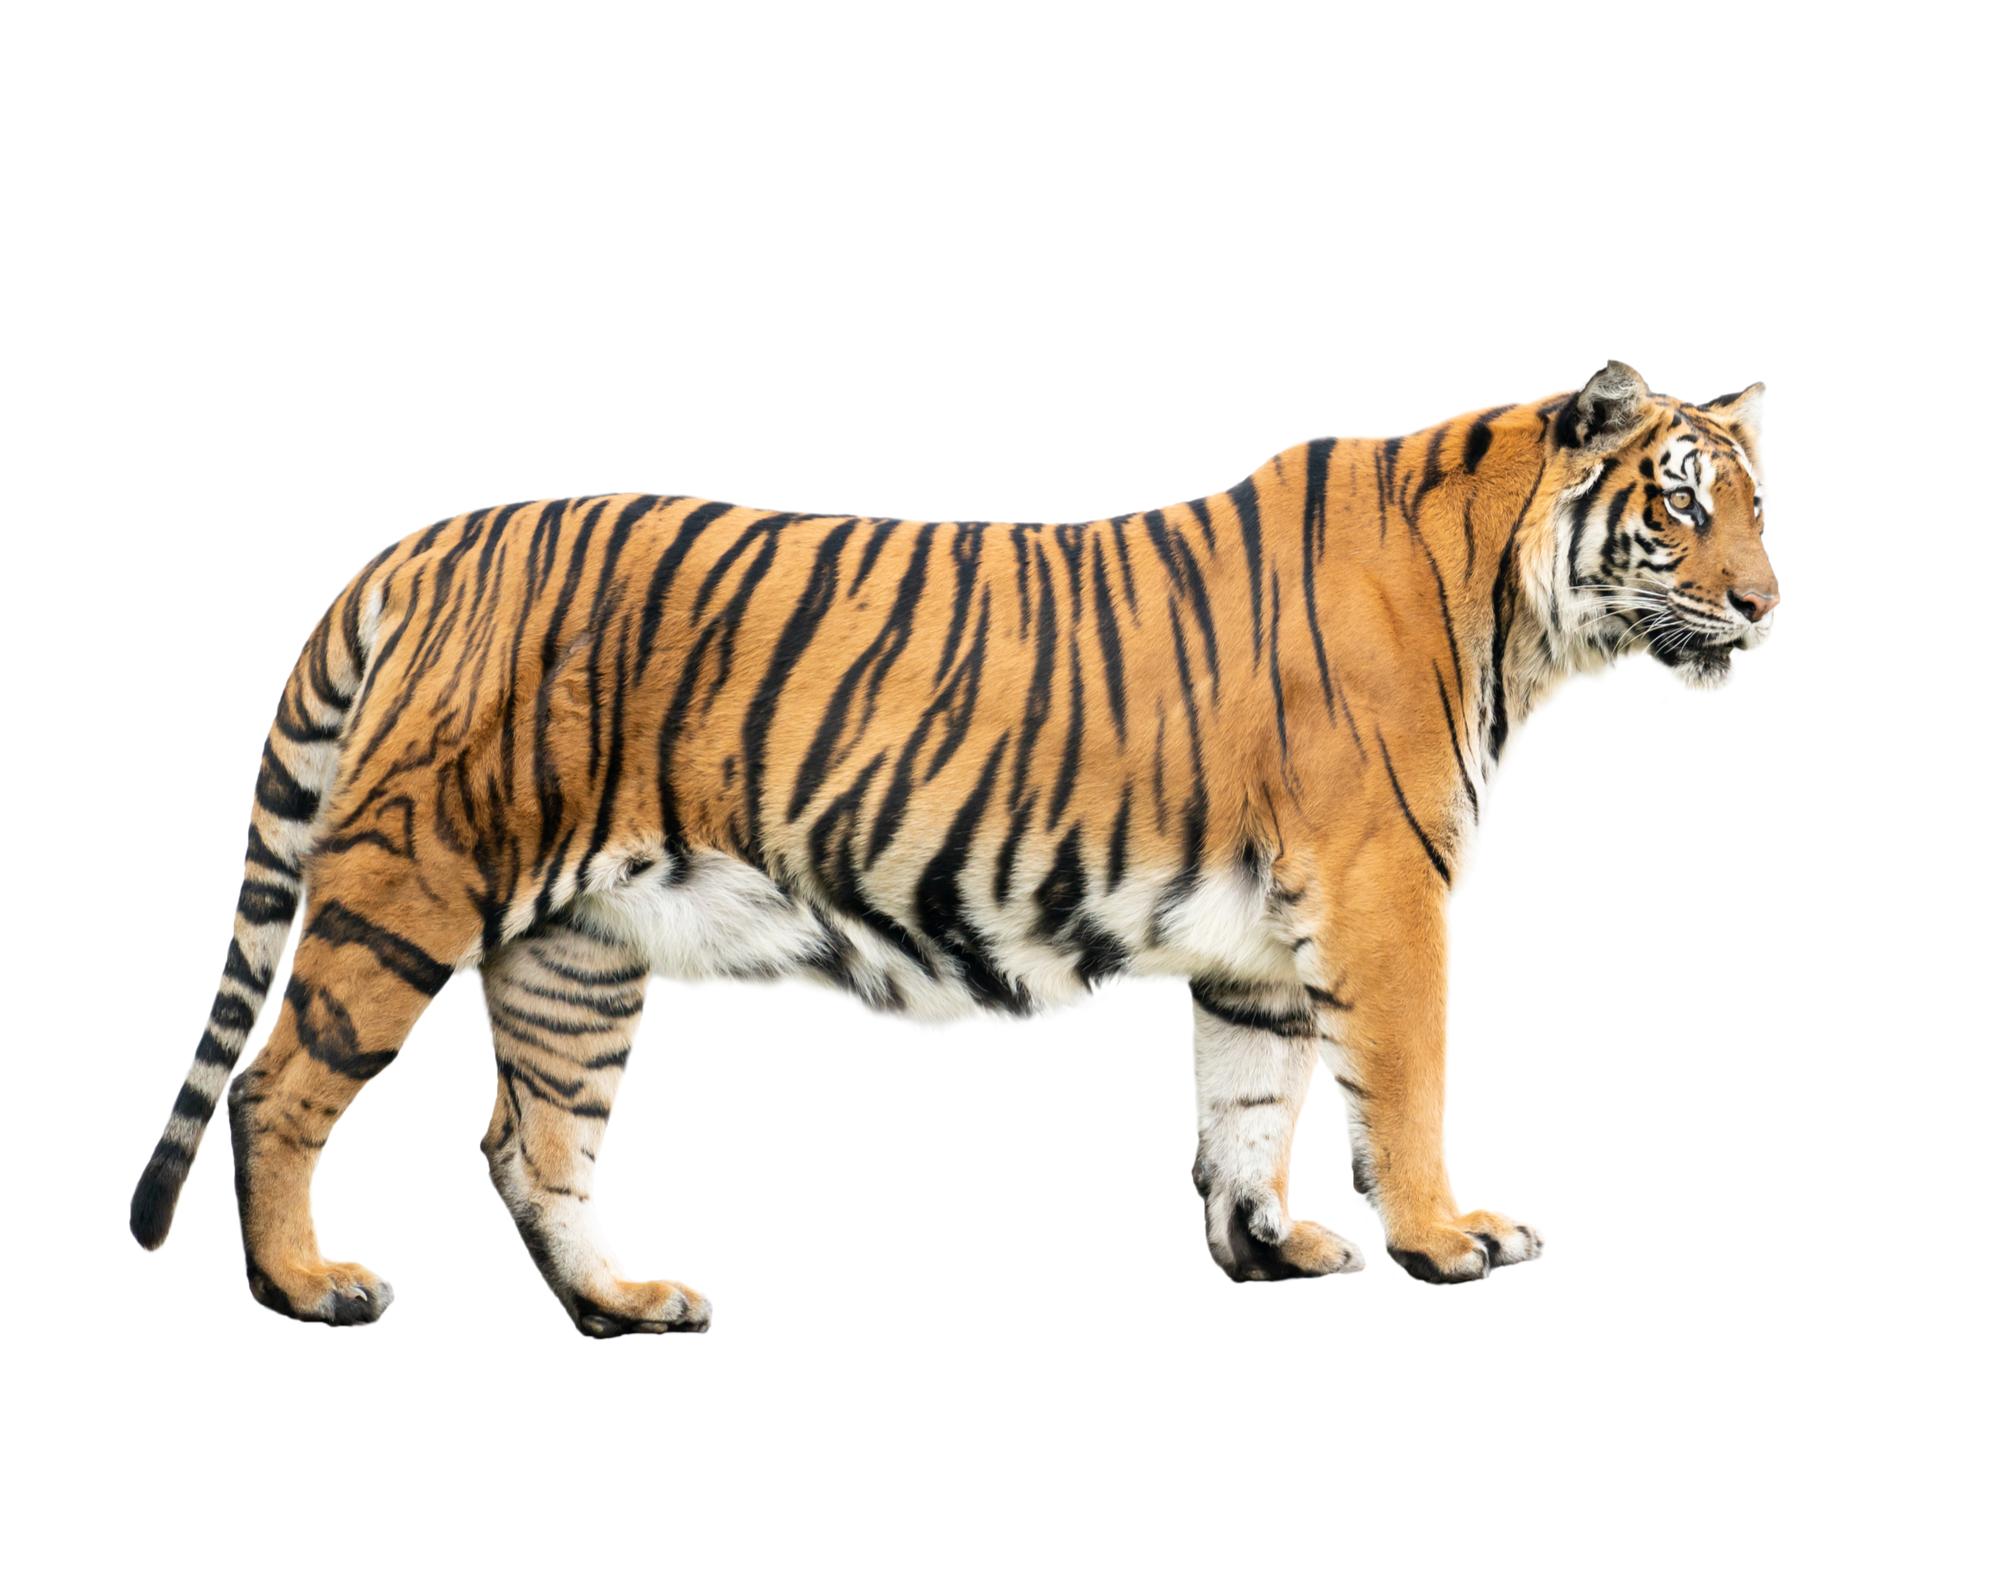 Tigre em fundo branco